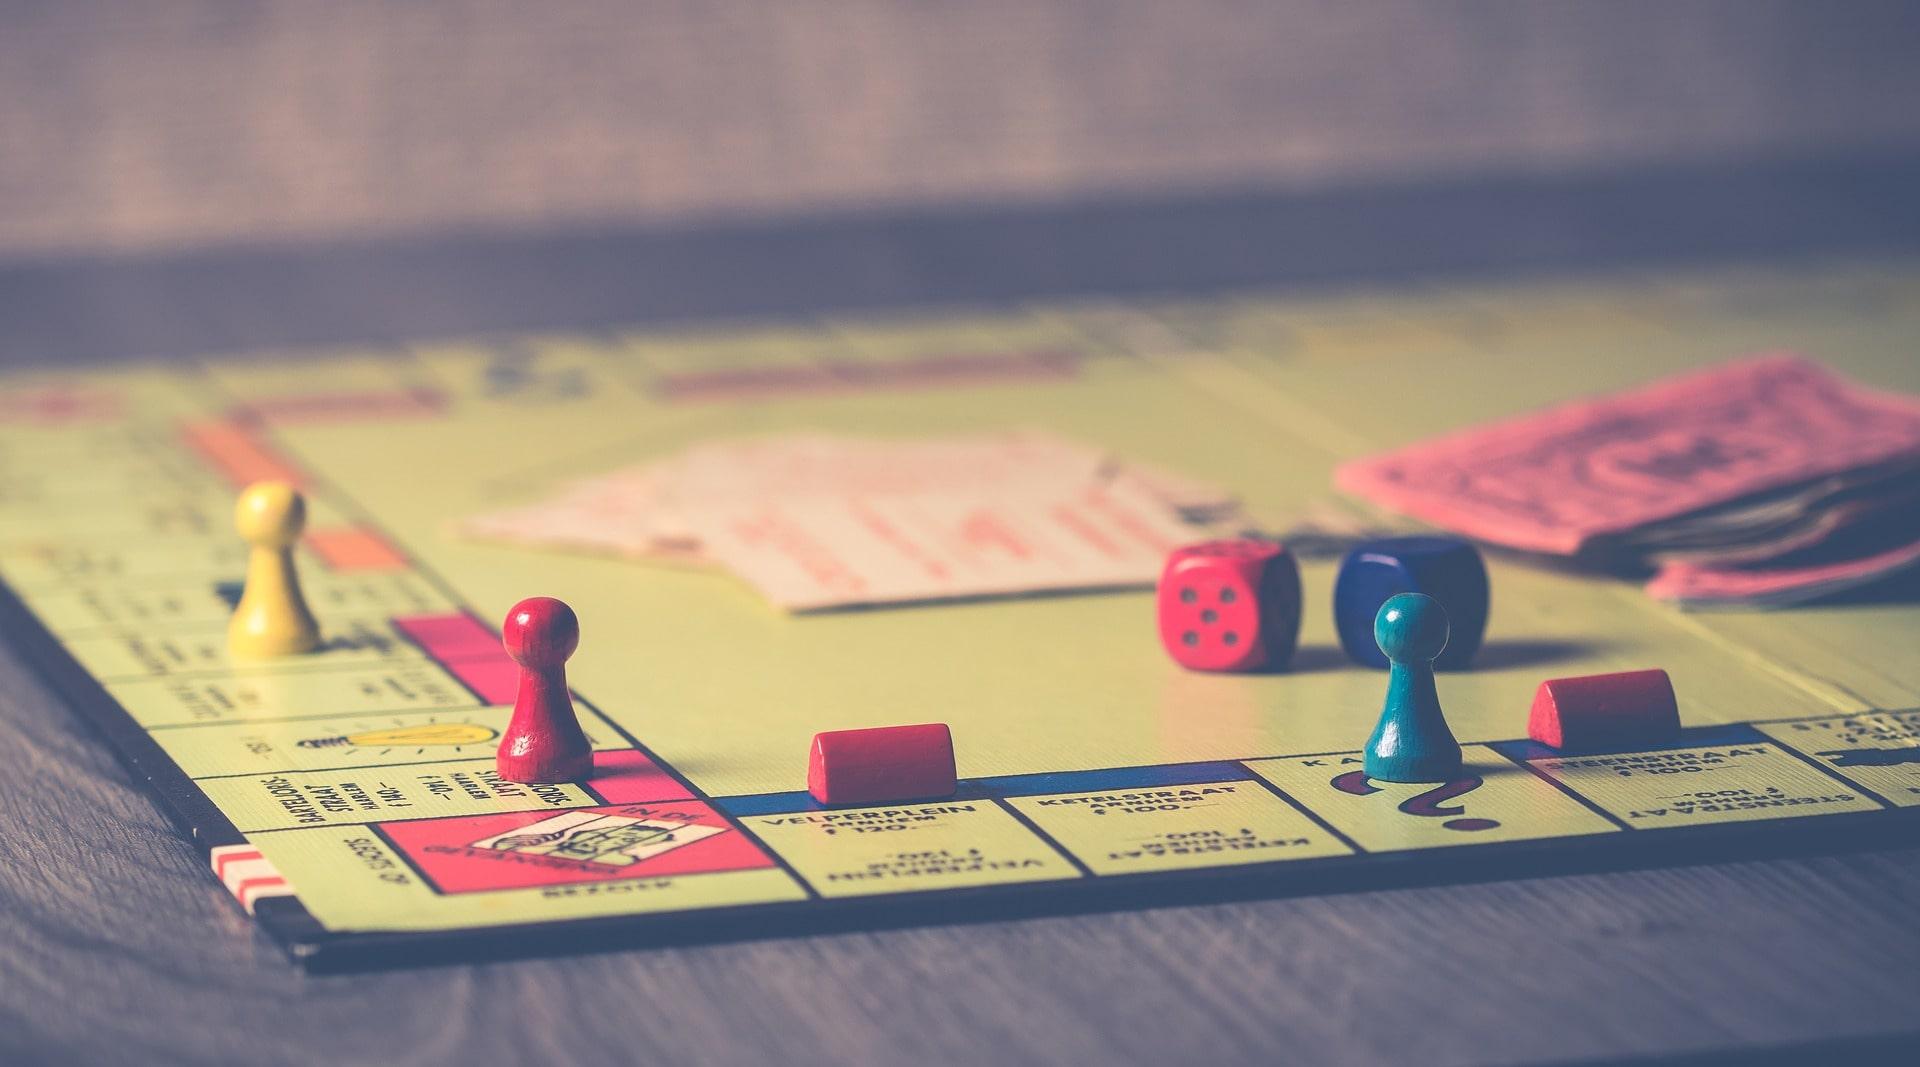 みんなで遊べる!人気のボードゲームのおもちゃ30選~最新版~【玩具メーカーの営業が解説】